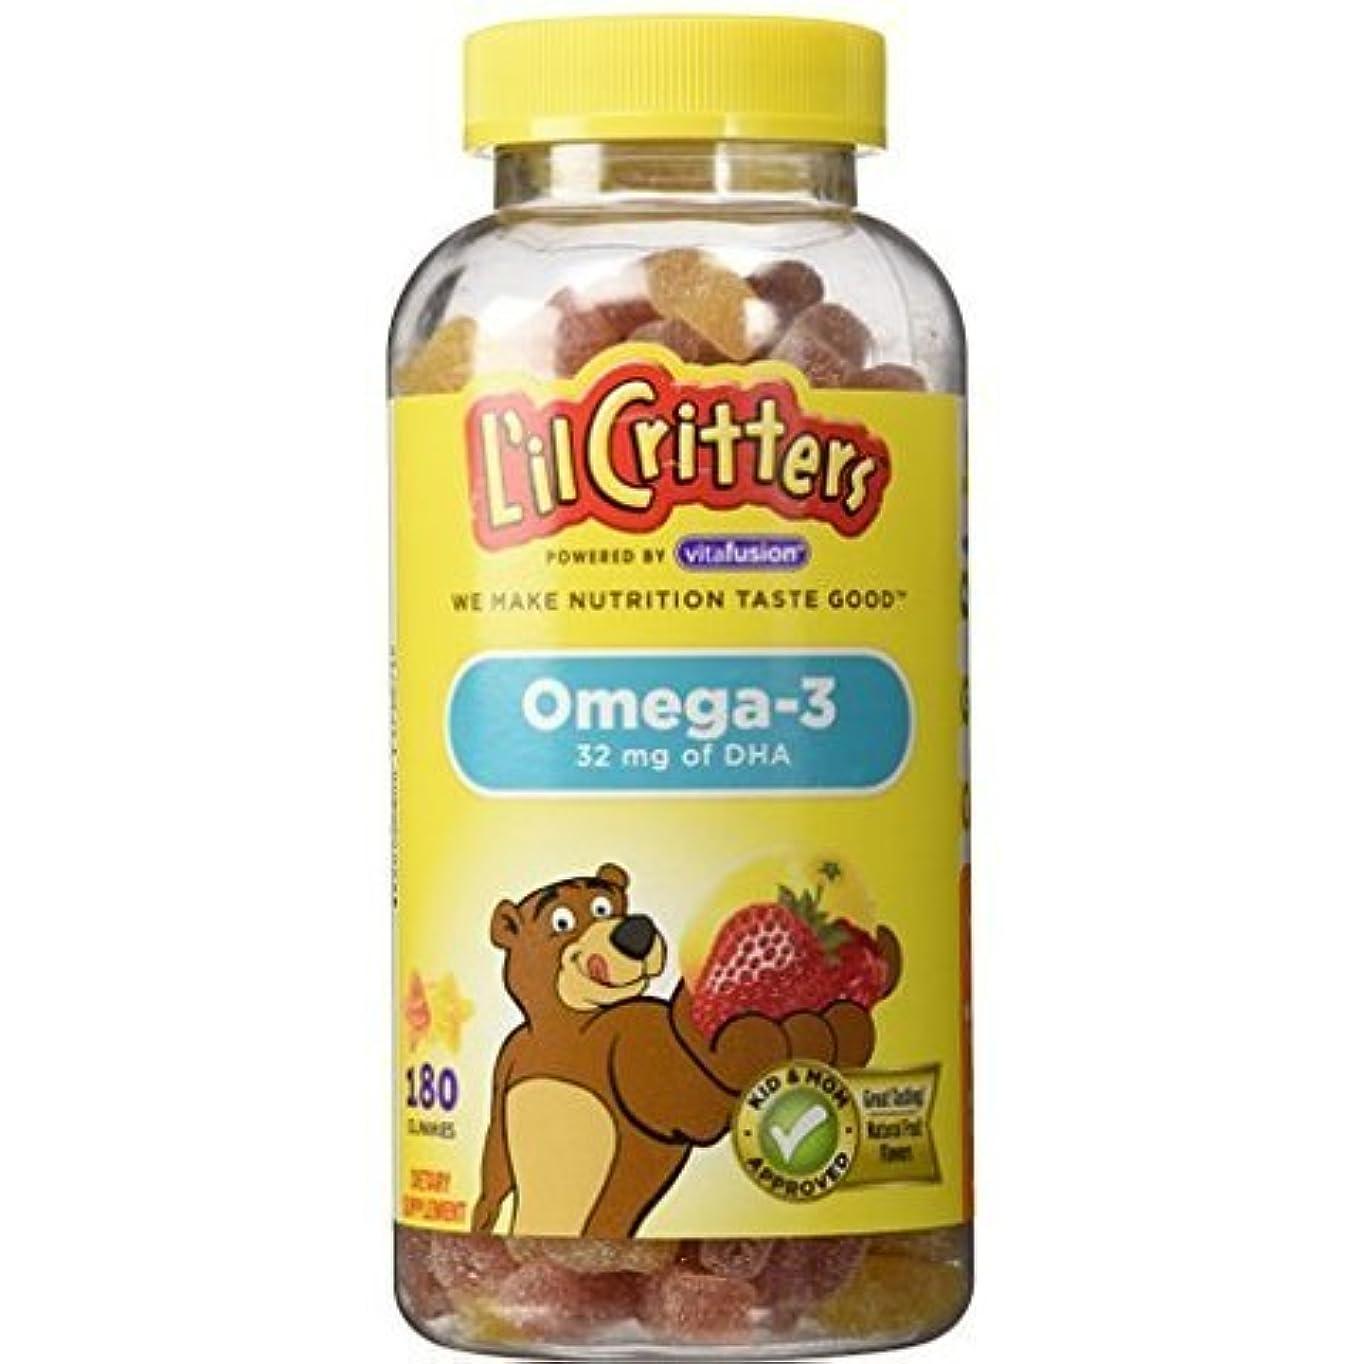 重くするパワーセル証言するL'il Critters クルクリターズ 子供用ビタミングミ オメガ3 DHA 180粒 [並行輸入品]